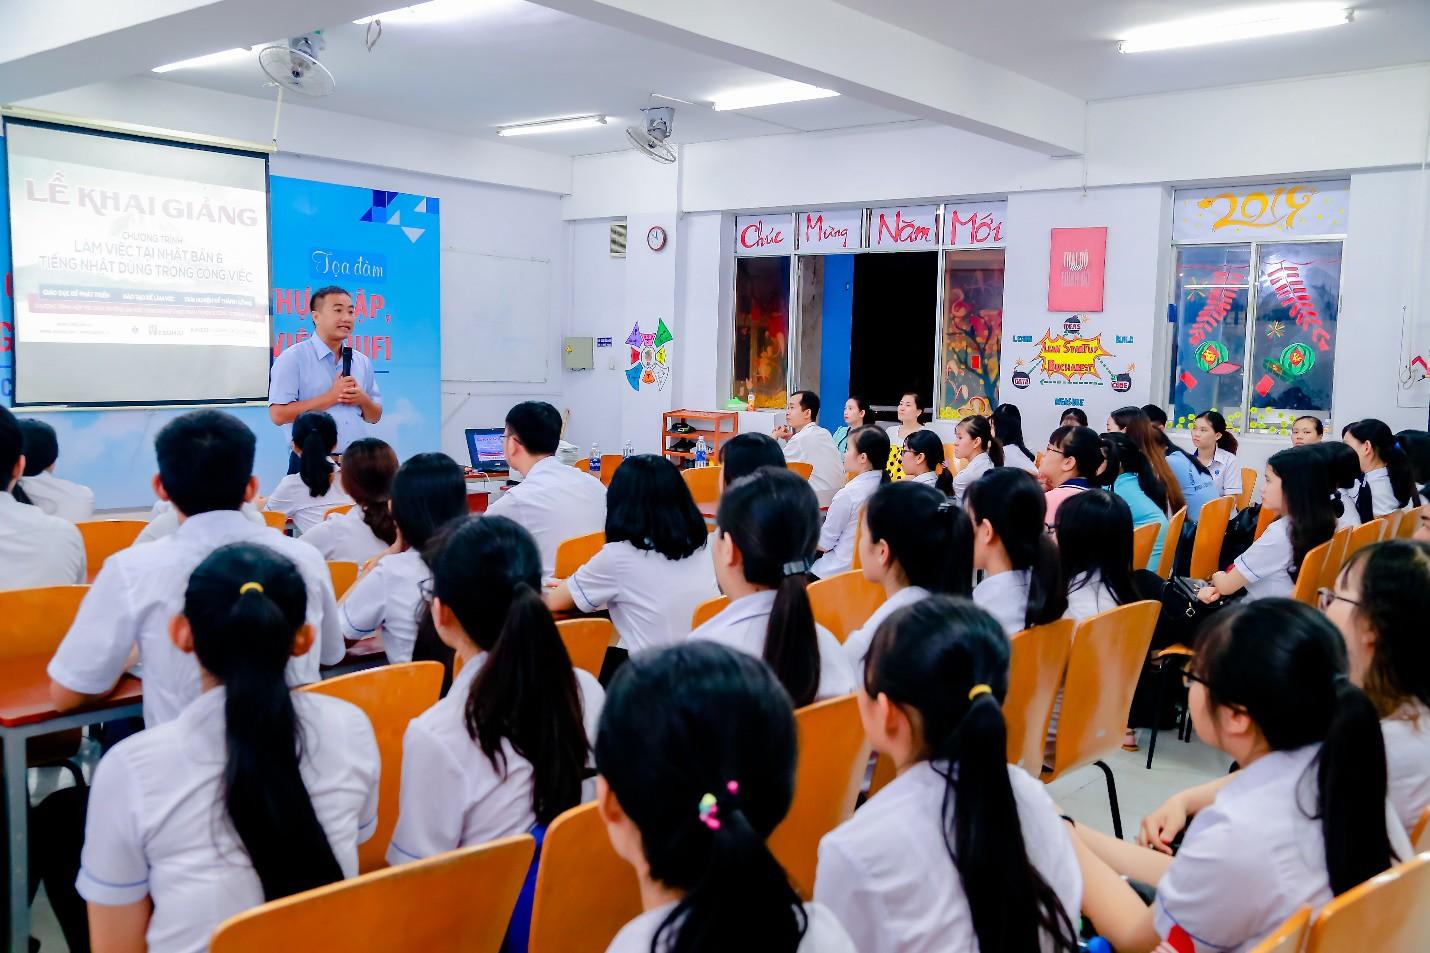 Cam kết việc làm khi học hệ cao đẳng tại trường ĐH Công nghiệp Thực phẩm TP.Hồ Chí Minh - Ảnh 4.